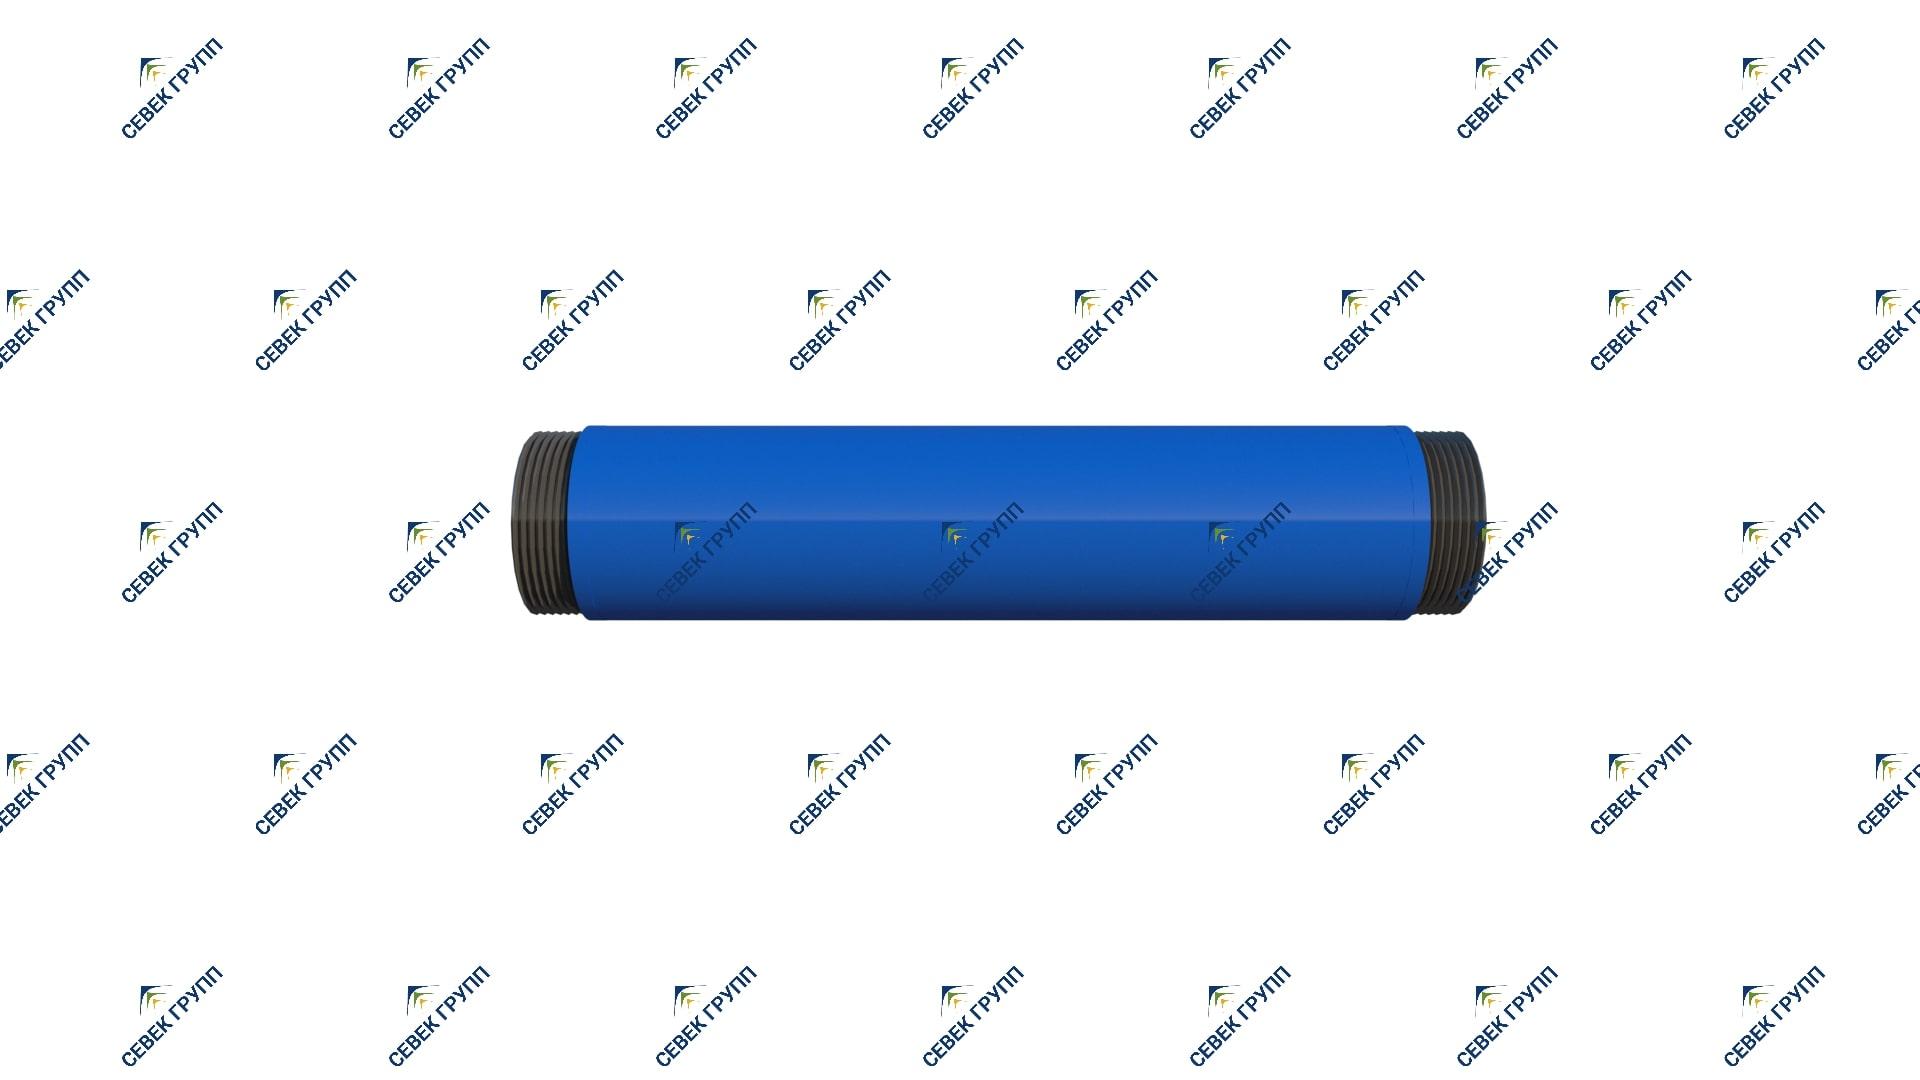 ТО-167-43-01 Труба Ду50